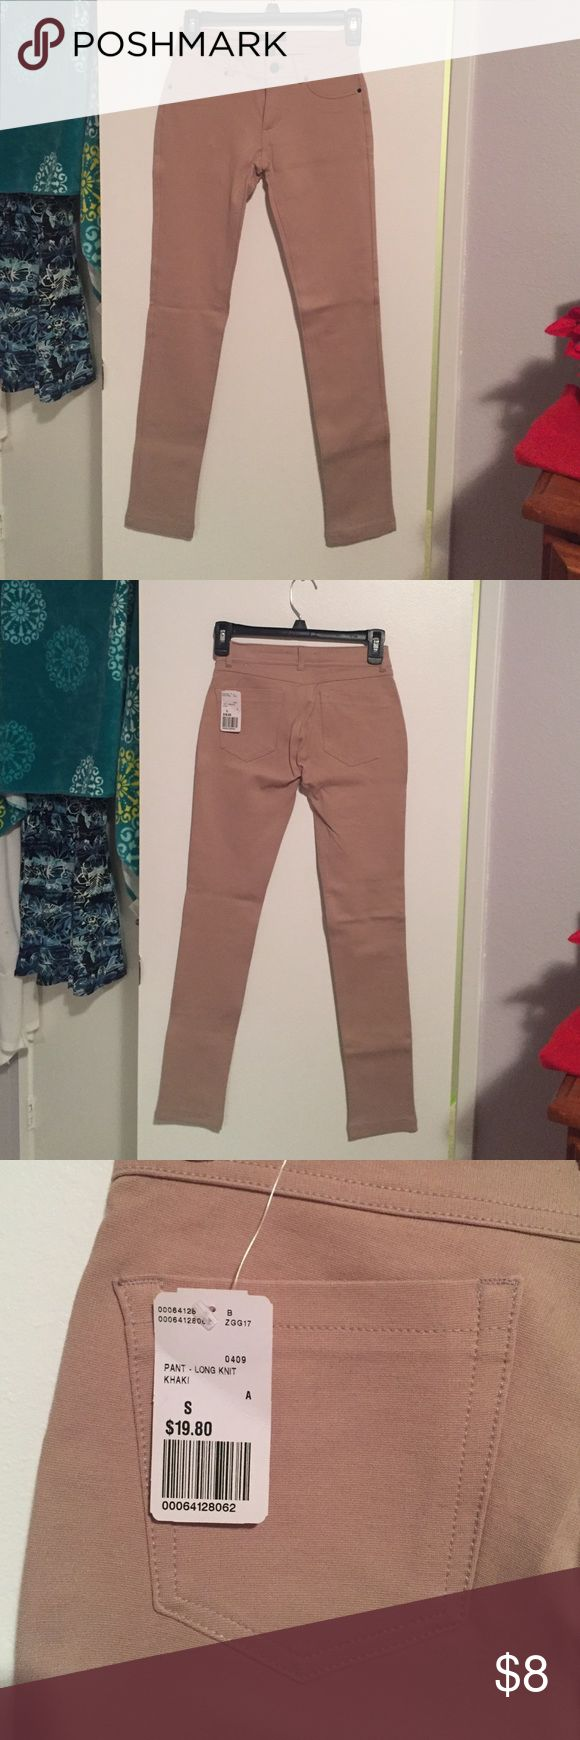 NWT Khaki jeggings Khaki/tan jeggings. NWT Forever 21 Pants